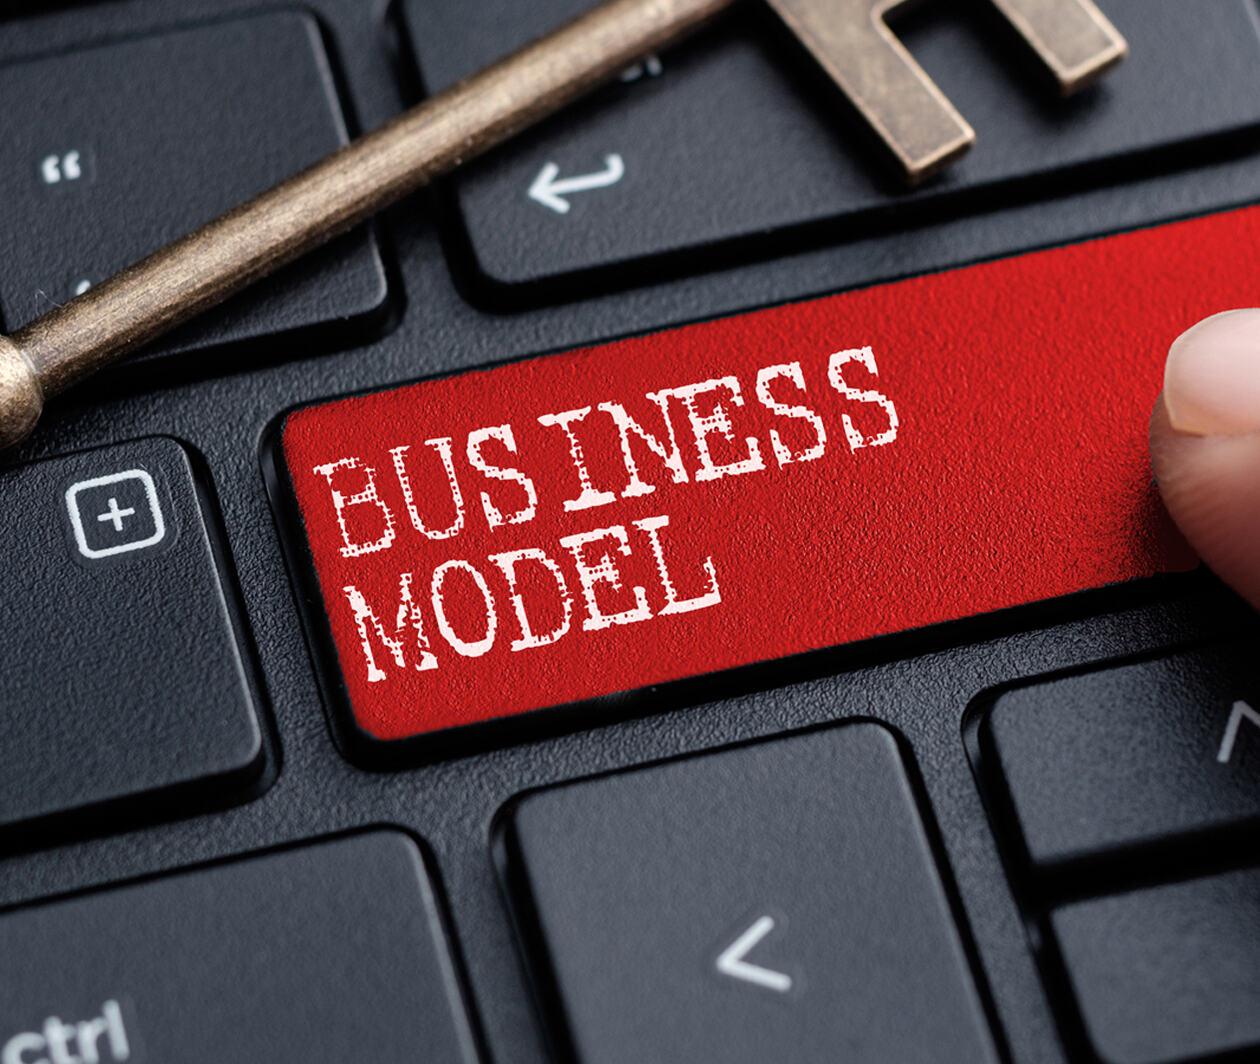 Demystifying Business Models for New Entrepreneurs